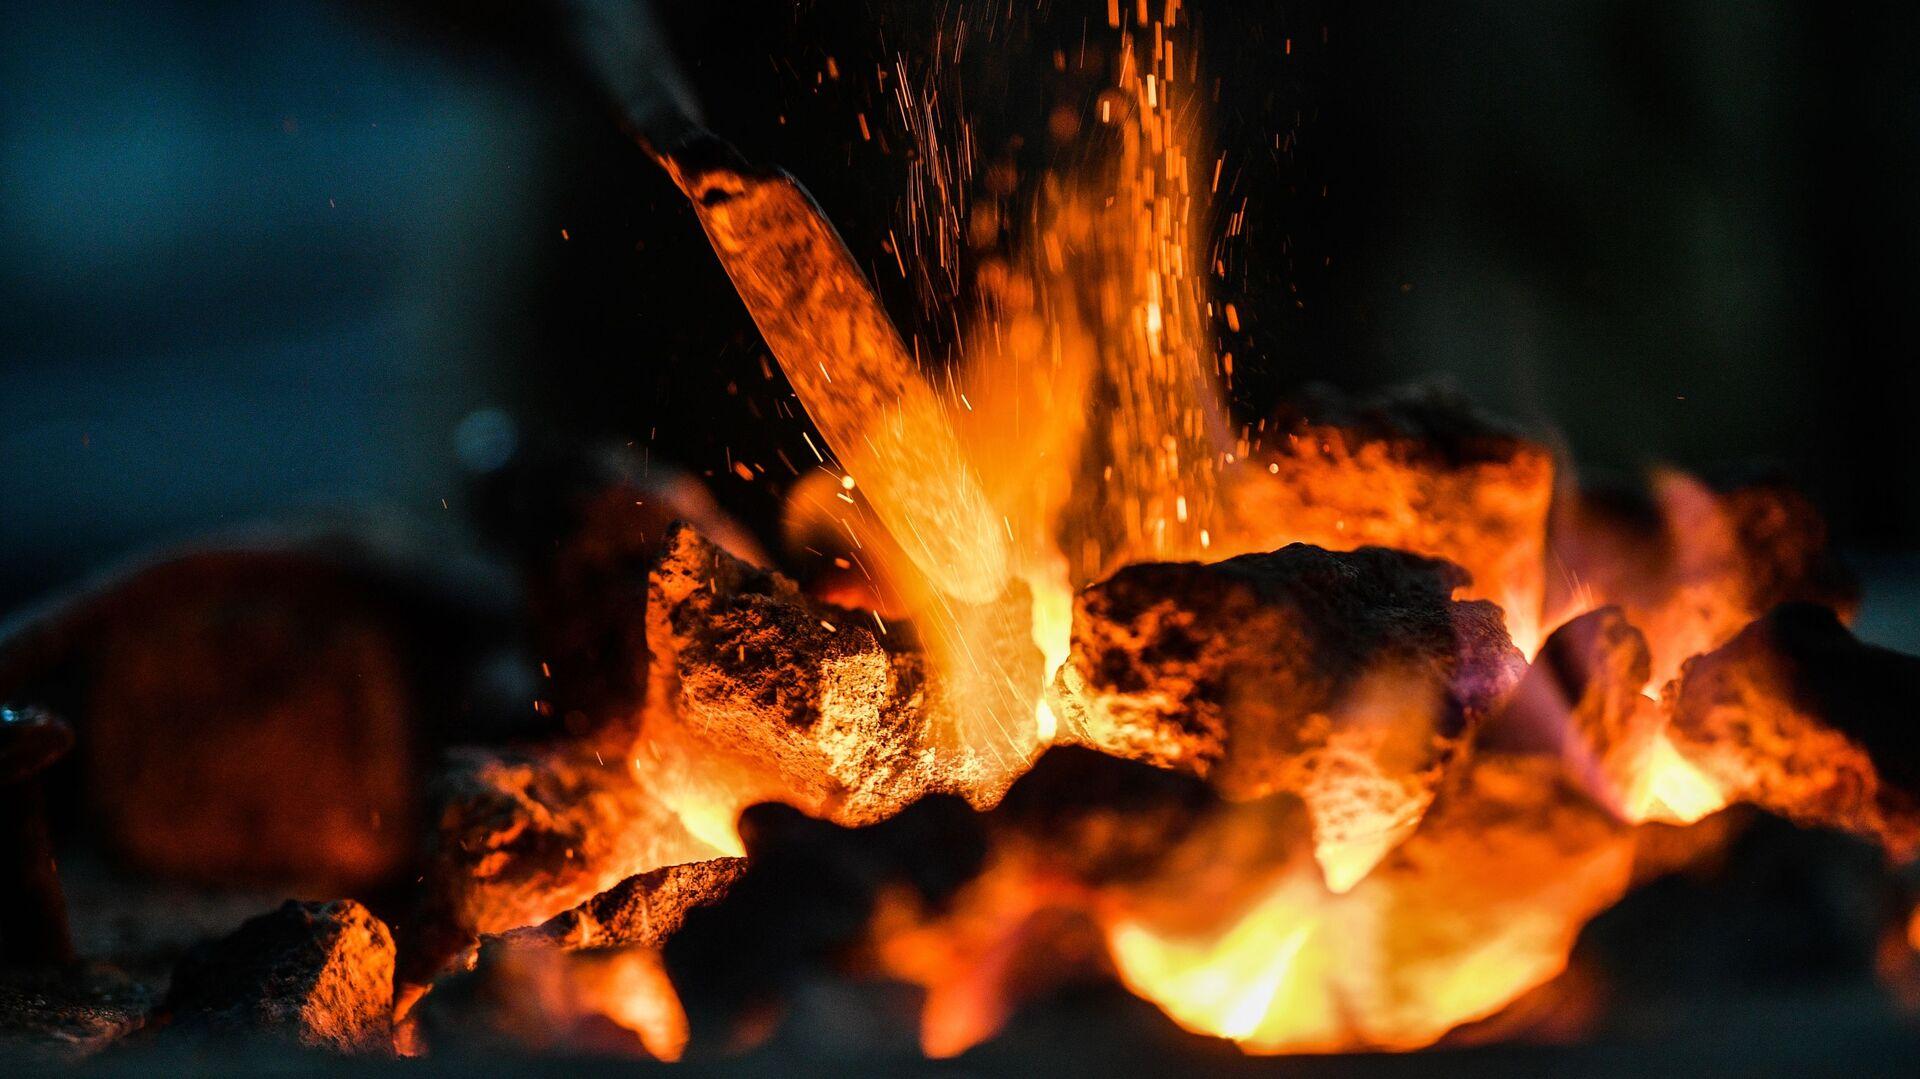 Un horno en el que se quema el carbón - Sputnik Mundo, 1920, 27.04.2021